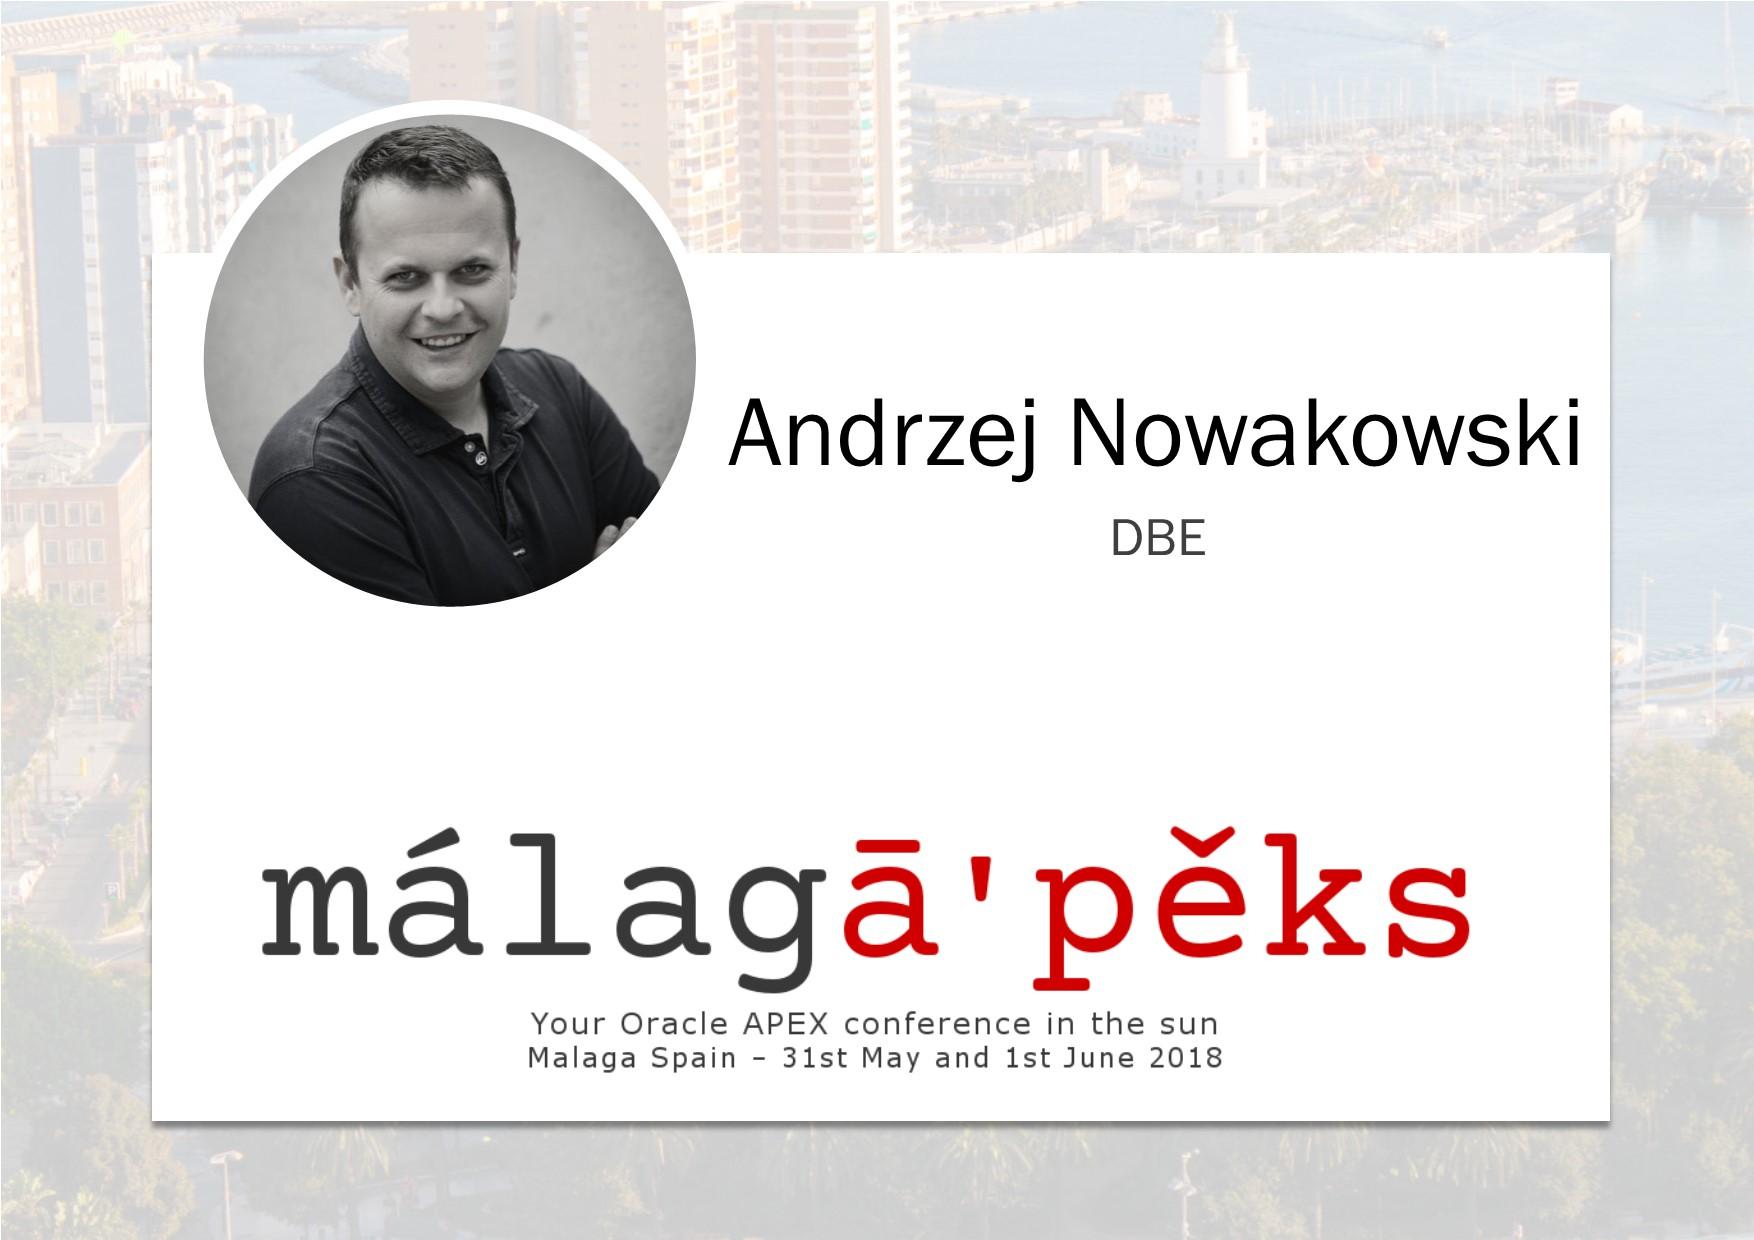 malagapex - andrzej nowakowski